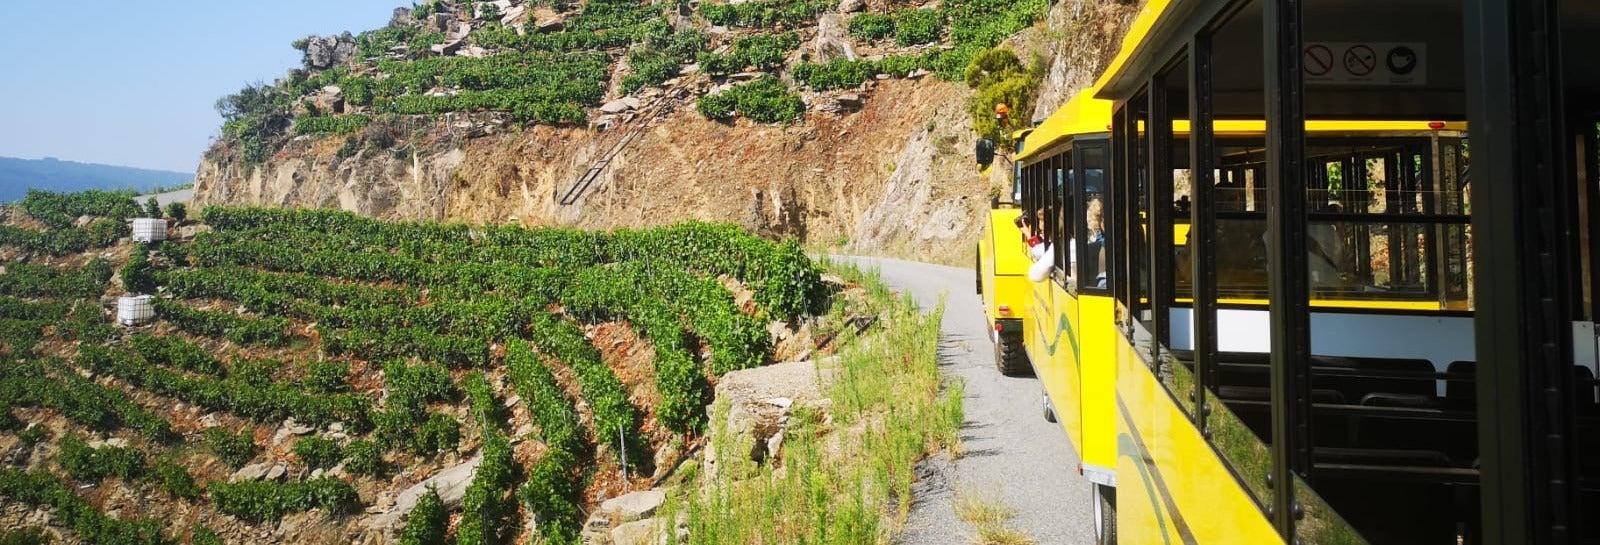 Tren turístico de la Ribeira Sacra